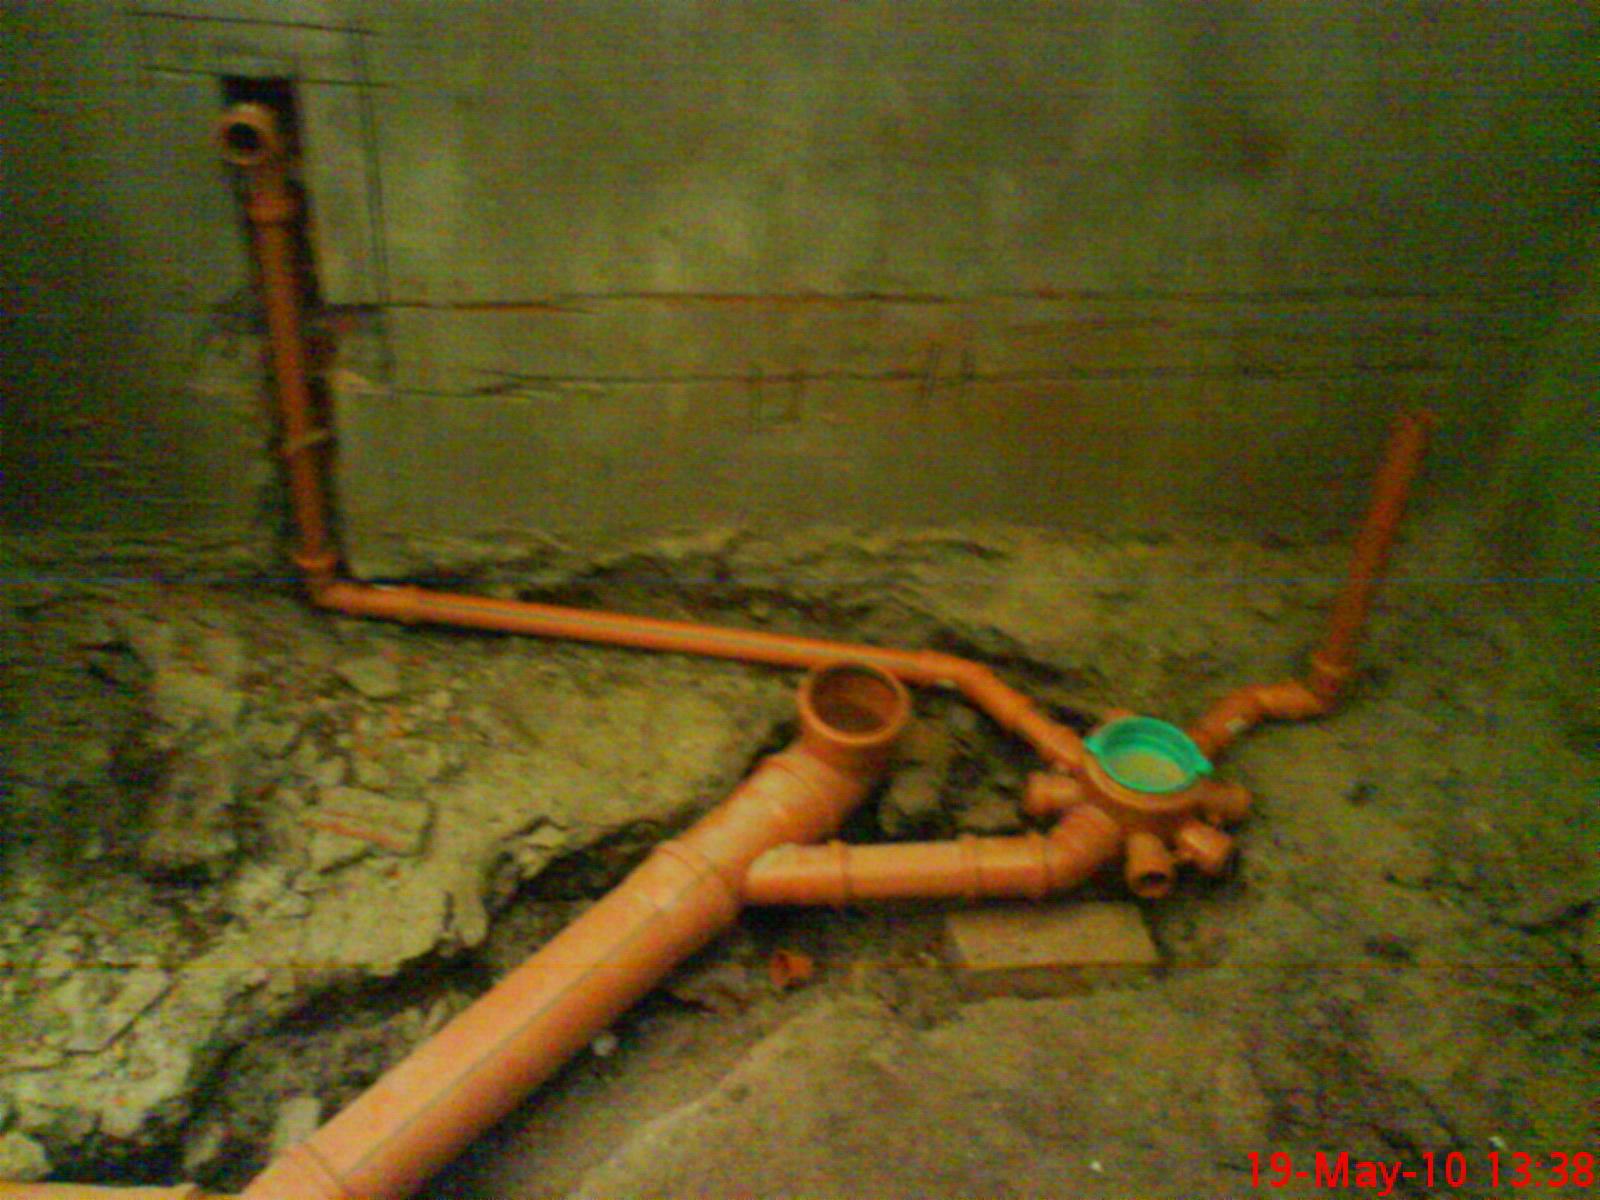 Instalacion Bidet Baño:Instalación de artefactos inodoro, mochila, bidet, vanitory